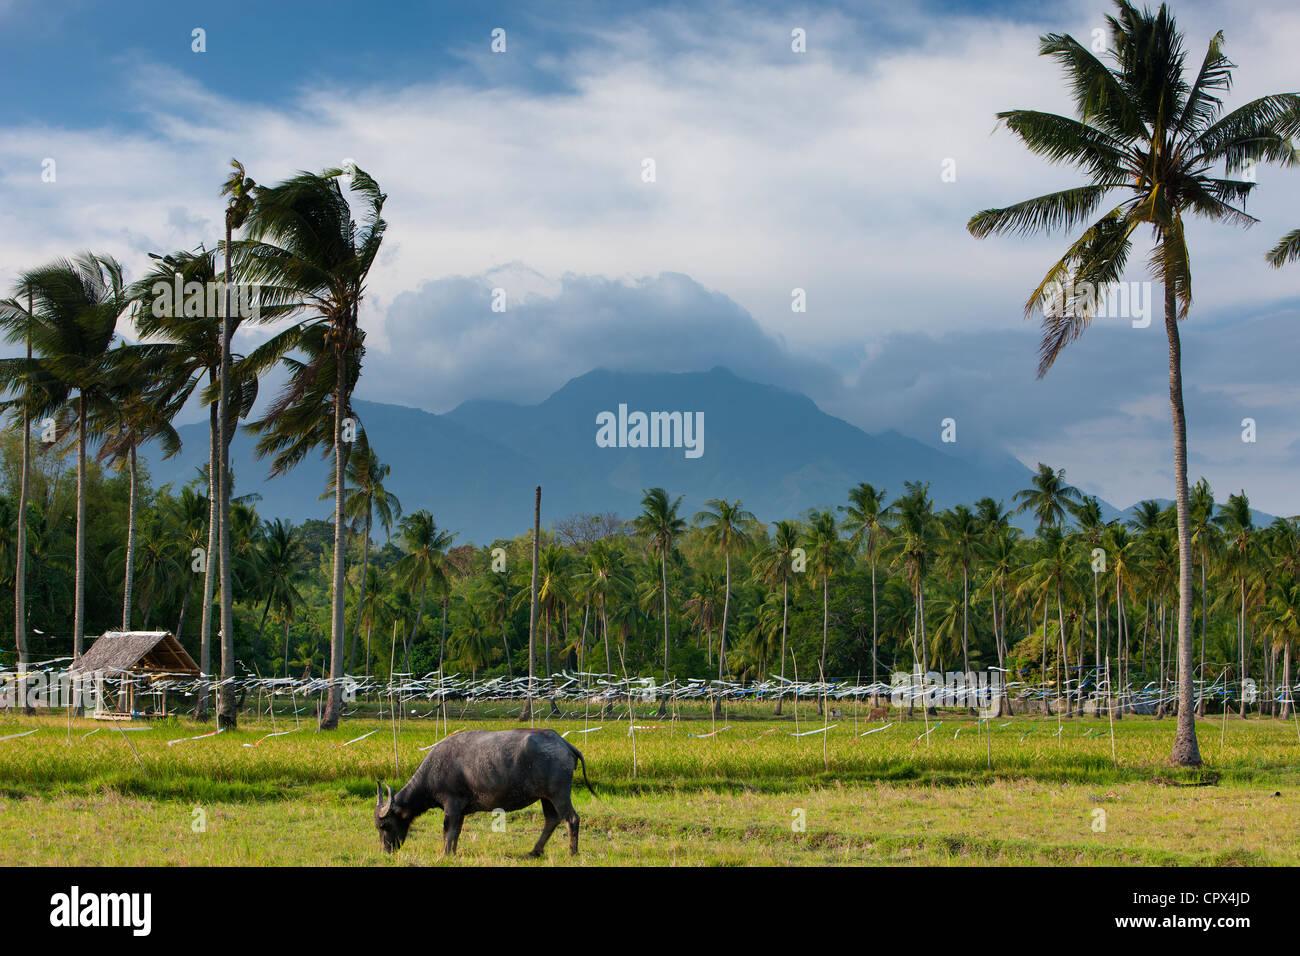 Un bufalo pascolano con campi di riso, palme e montagne, nr Malatapay, Negros, Filippine Immagini Stock